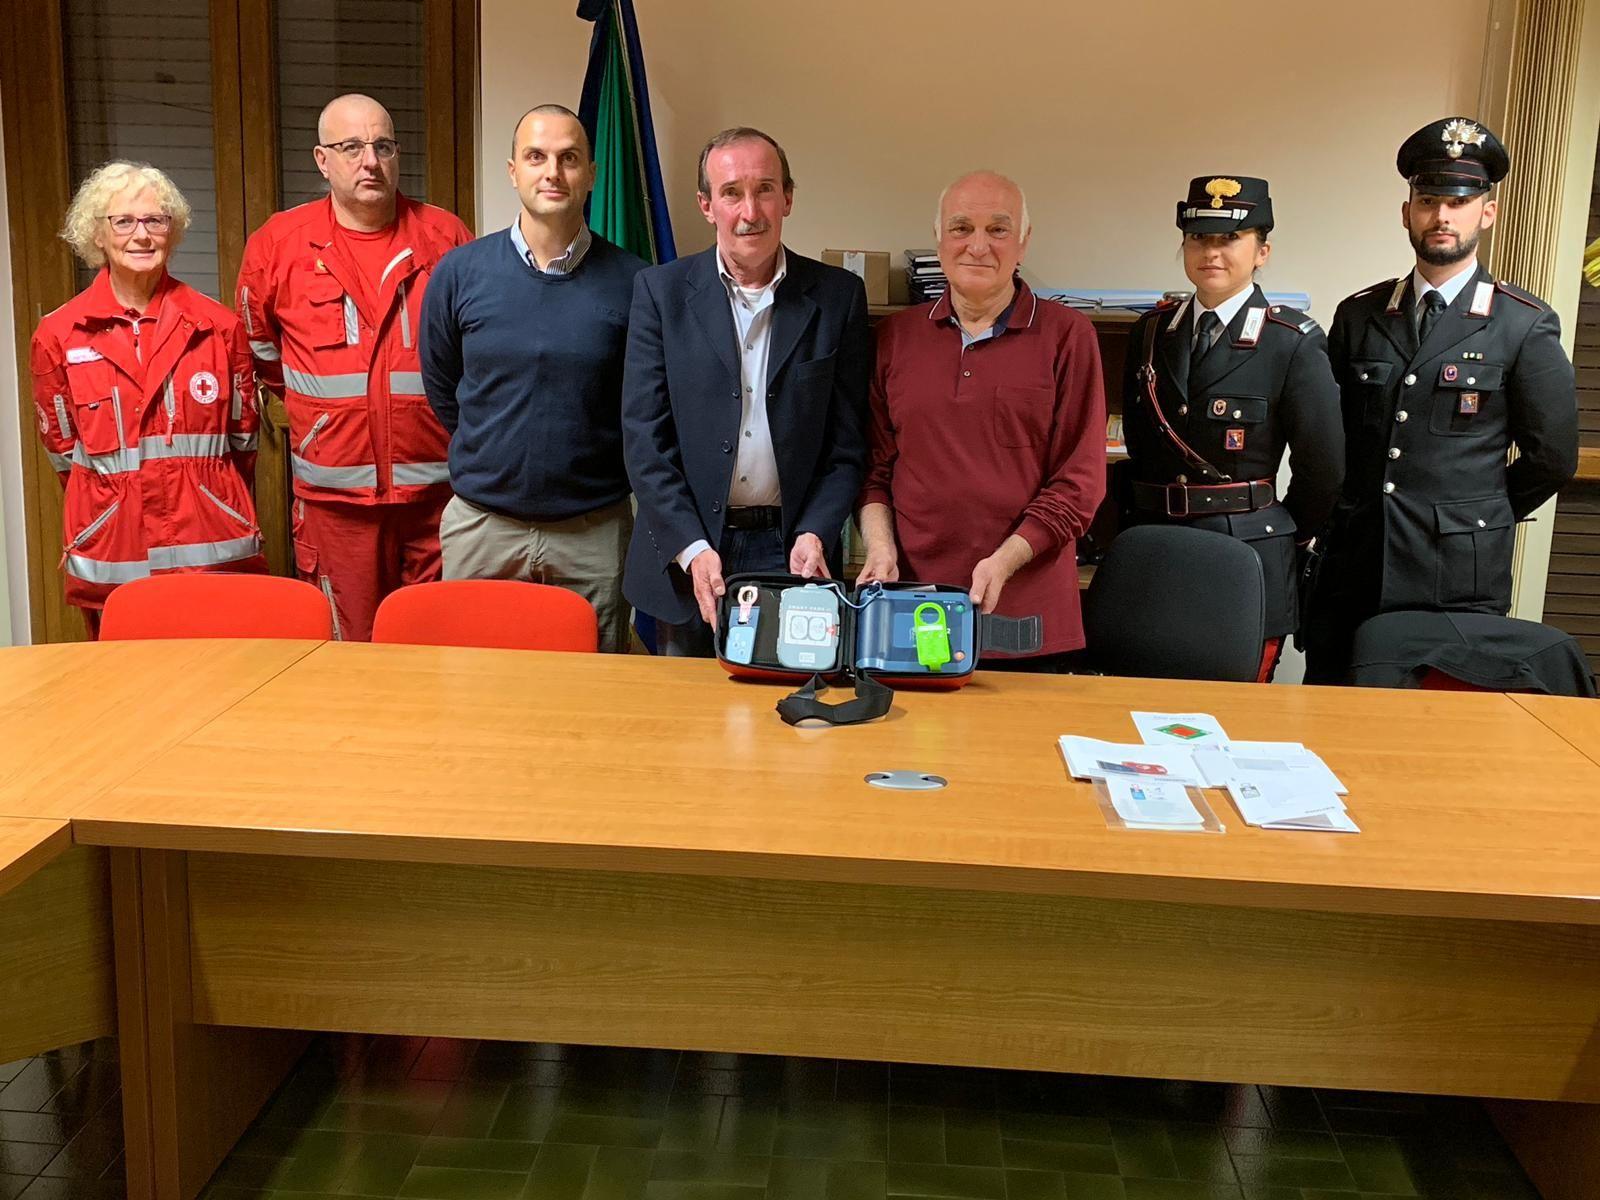 BALDISSERO - Il tiro a volo «Peroglio» dona un defibrillatore al paese